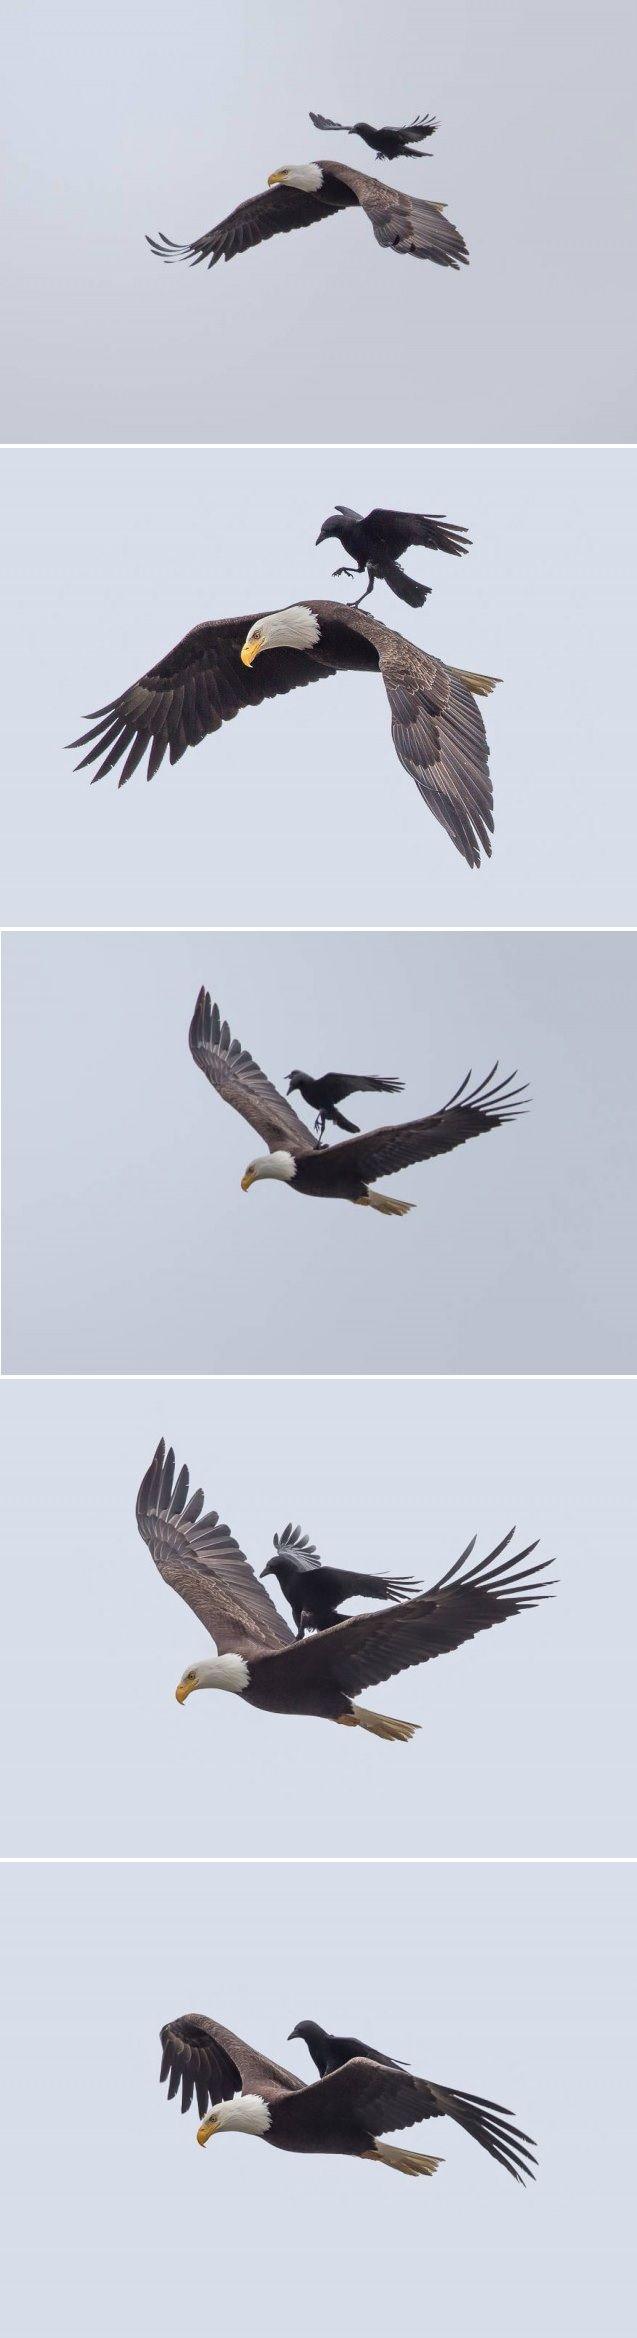 烏鴉背負禿鷹